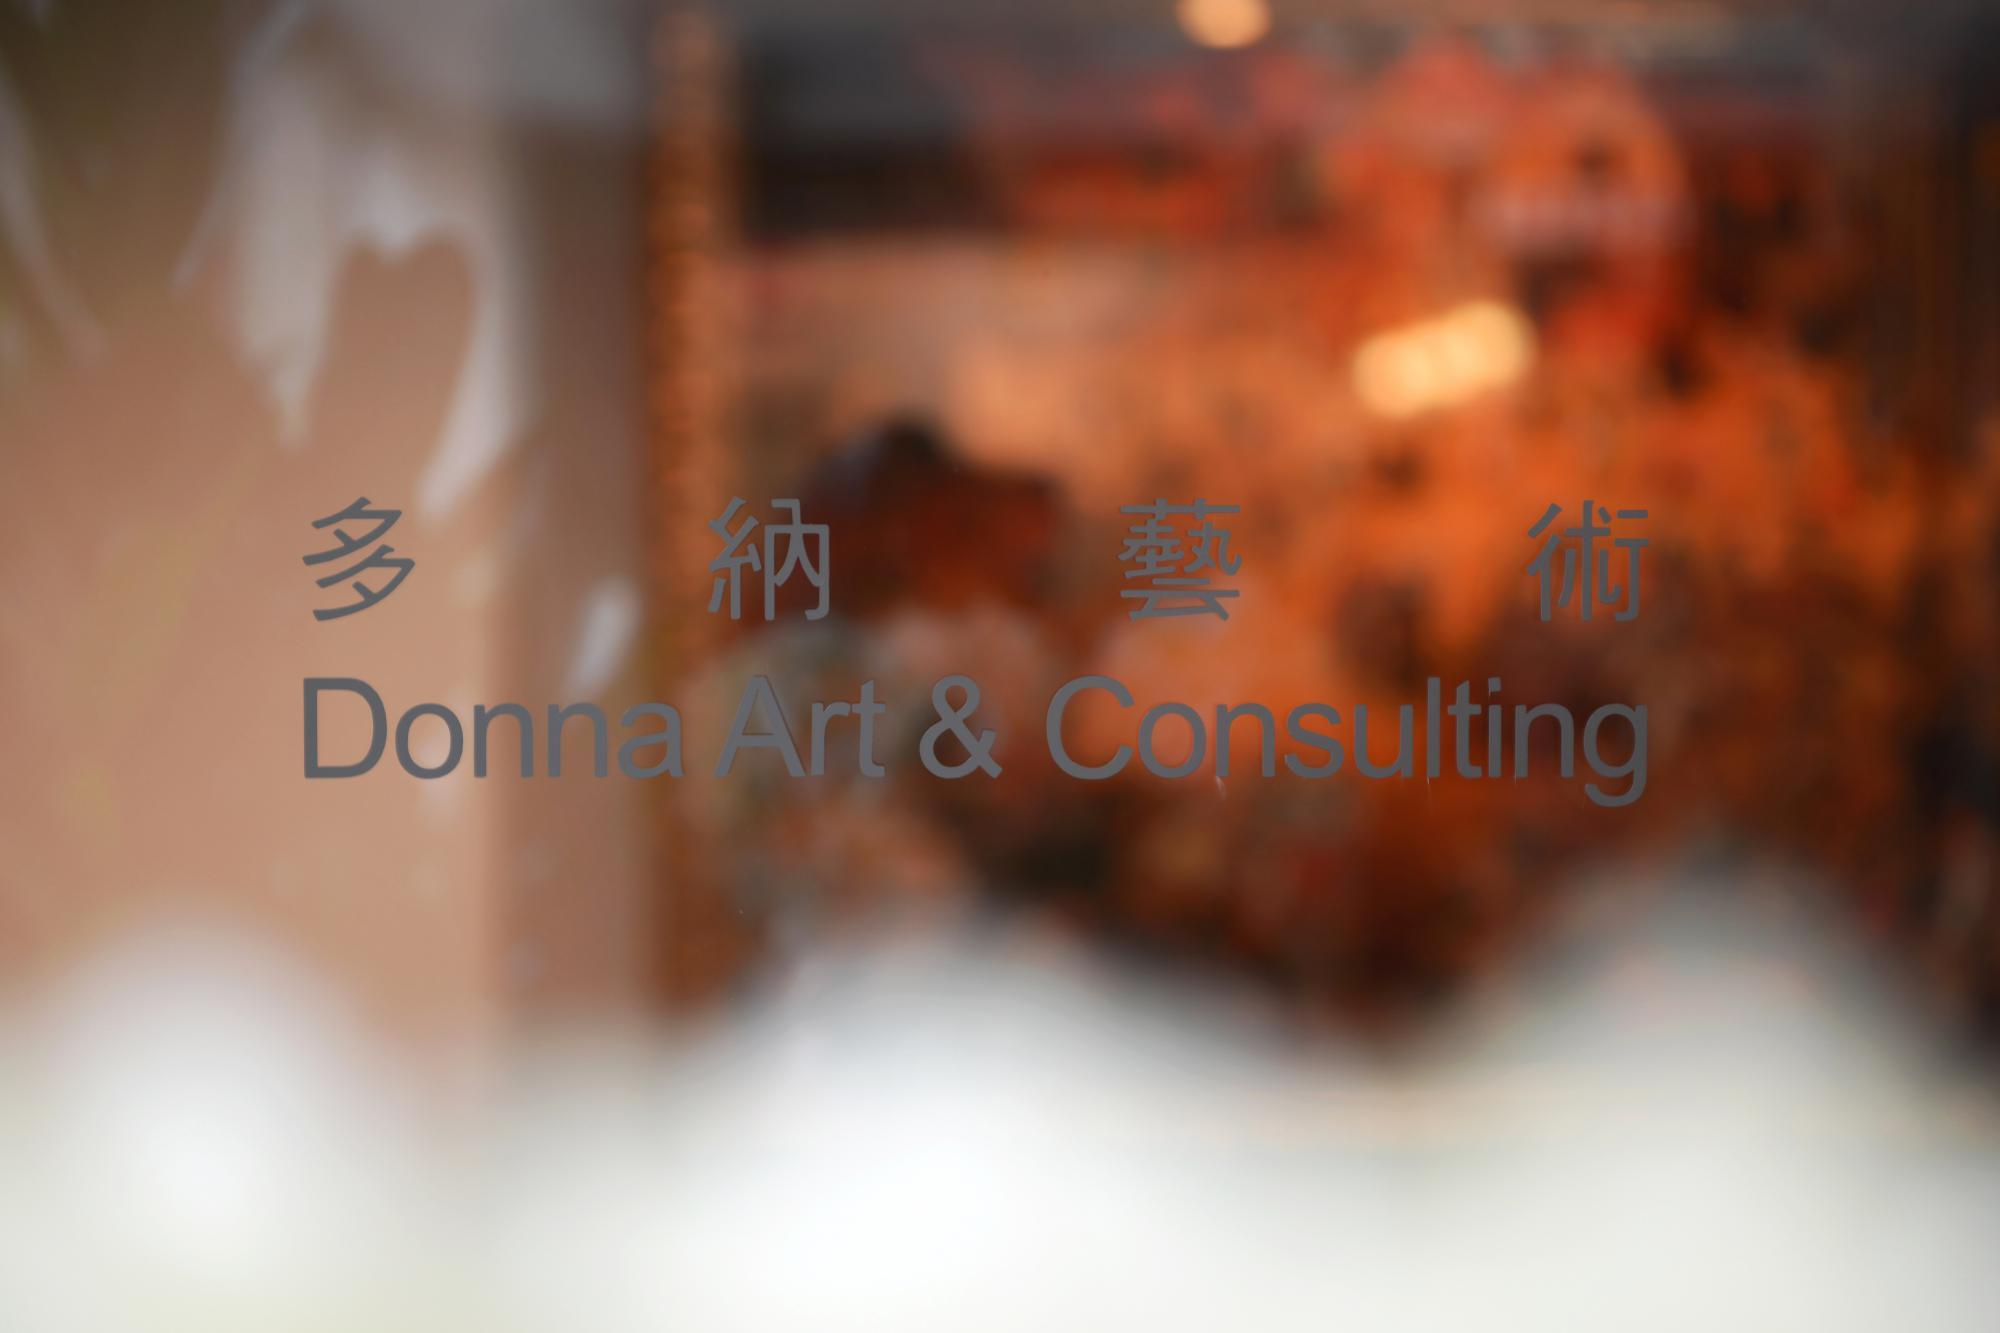 徵才資訊|多納藝術 志工招募